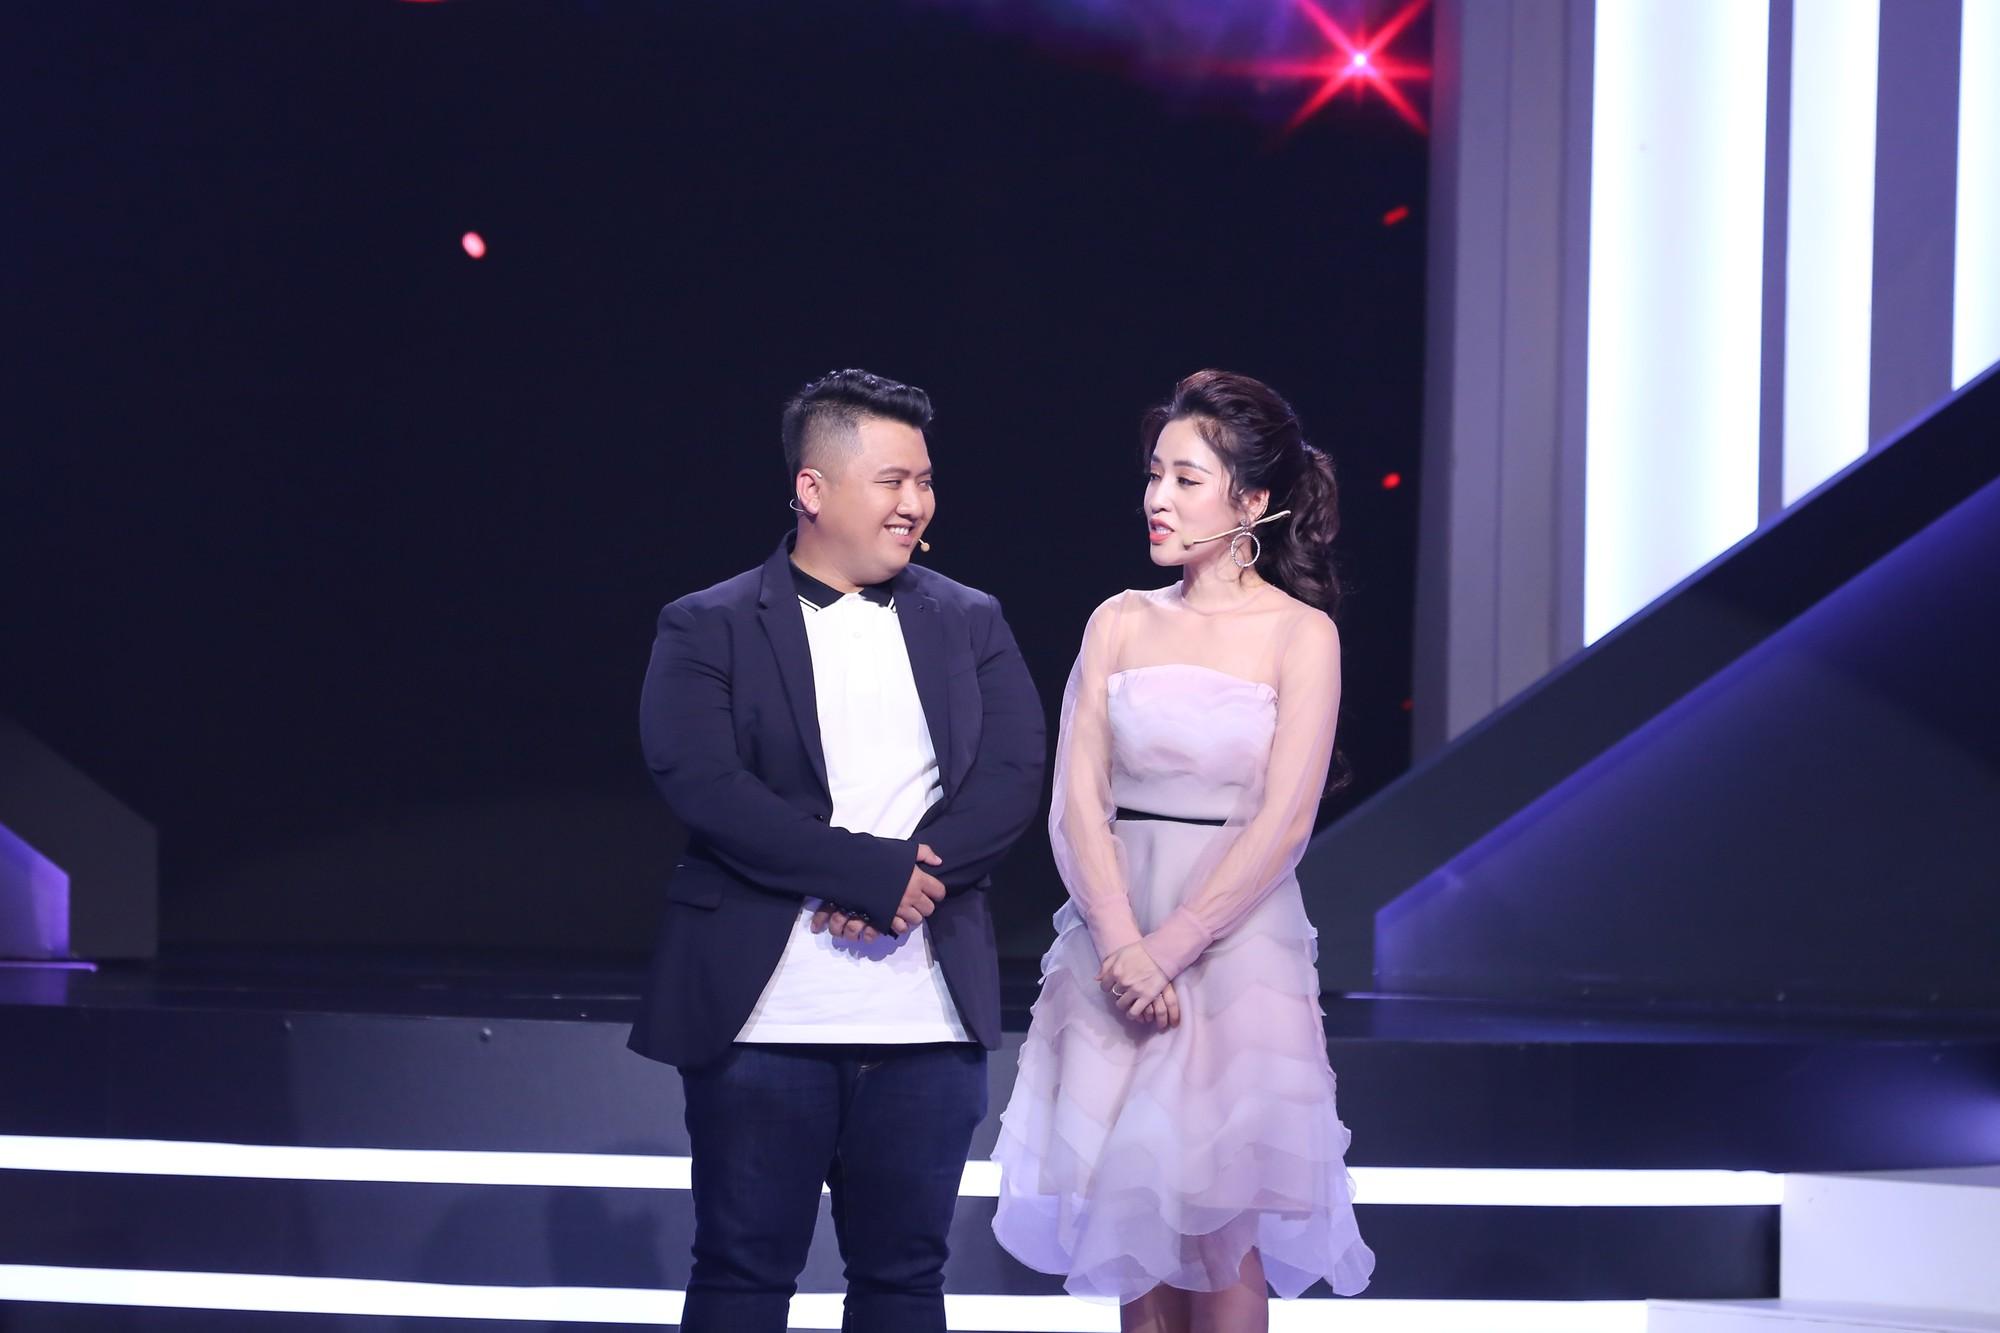 Đức Thịnh tiết lộ Thanh Thúy ghen đến mức anh đổi mật khẩu Facebook cũng phải qua số điện thoại của vợ - Ảnh 3.